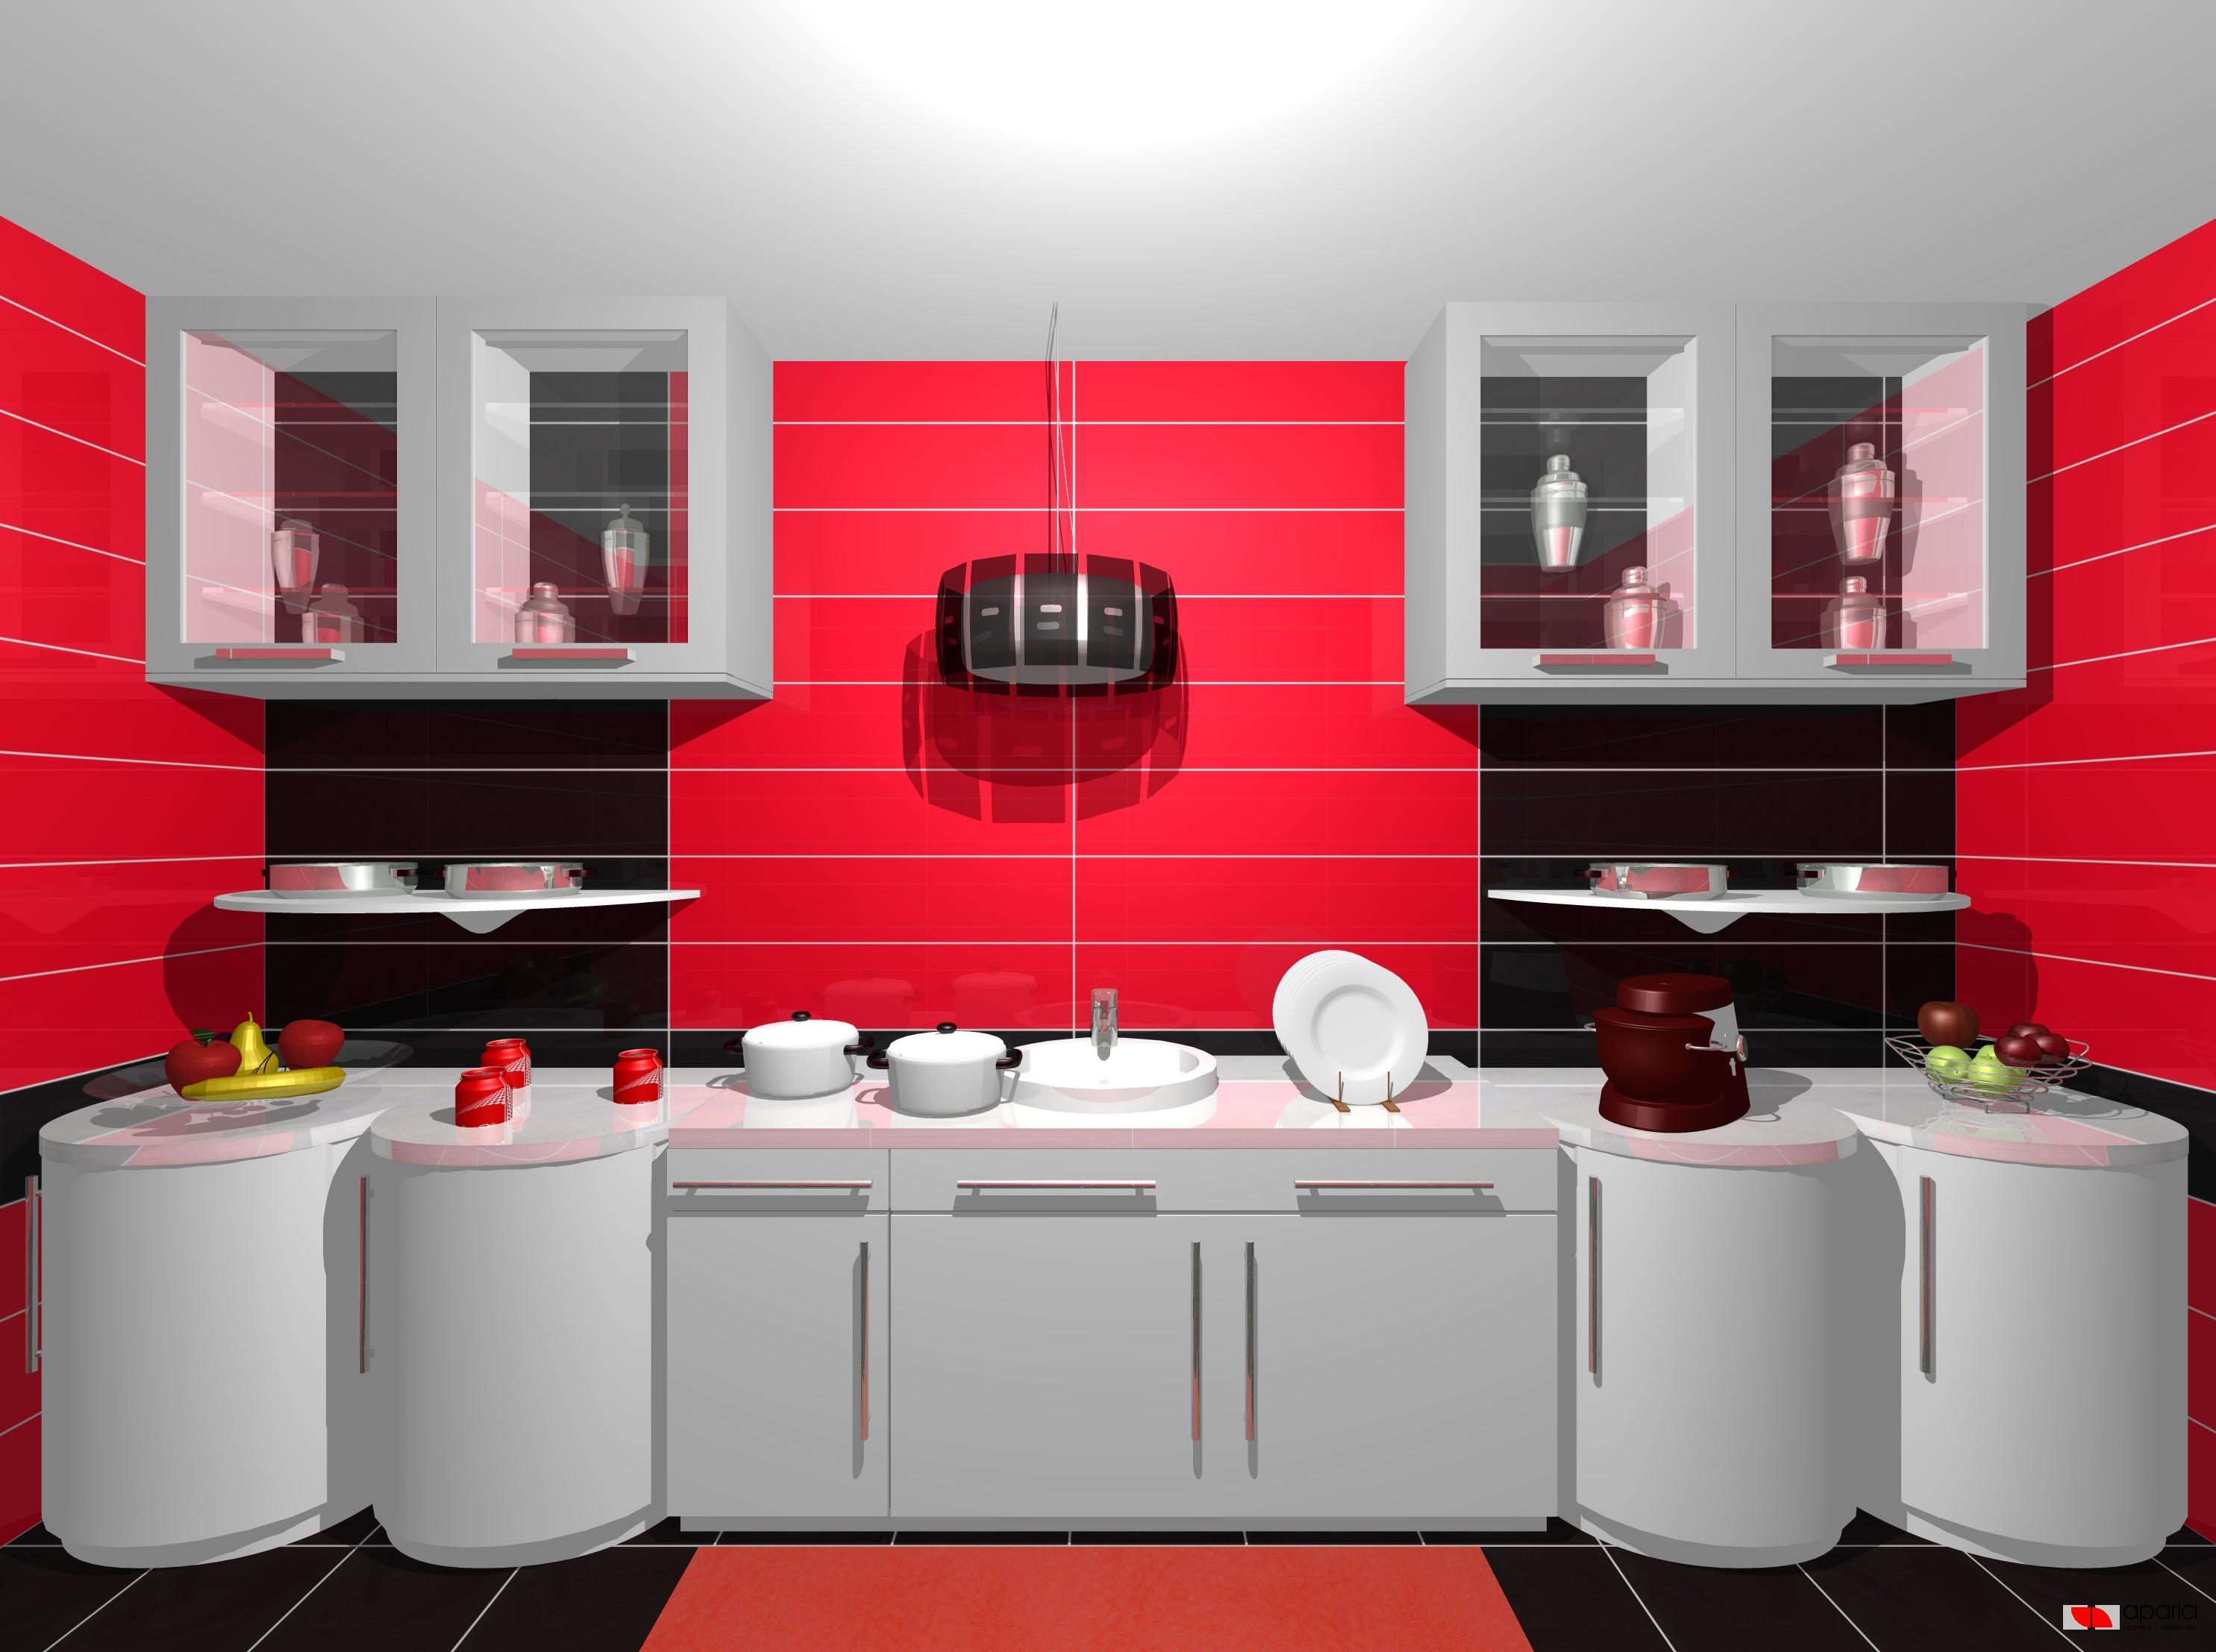 Combinar colores cocina dise os arquitect nicos - Combinar colores cocina ...